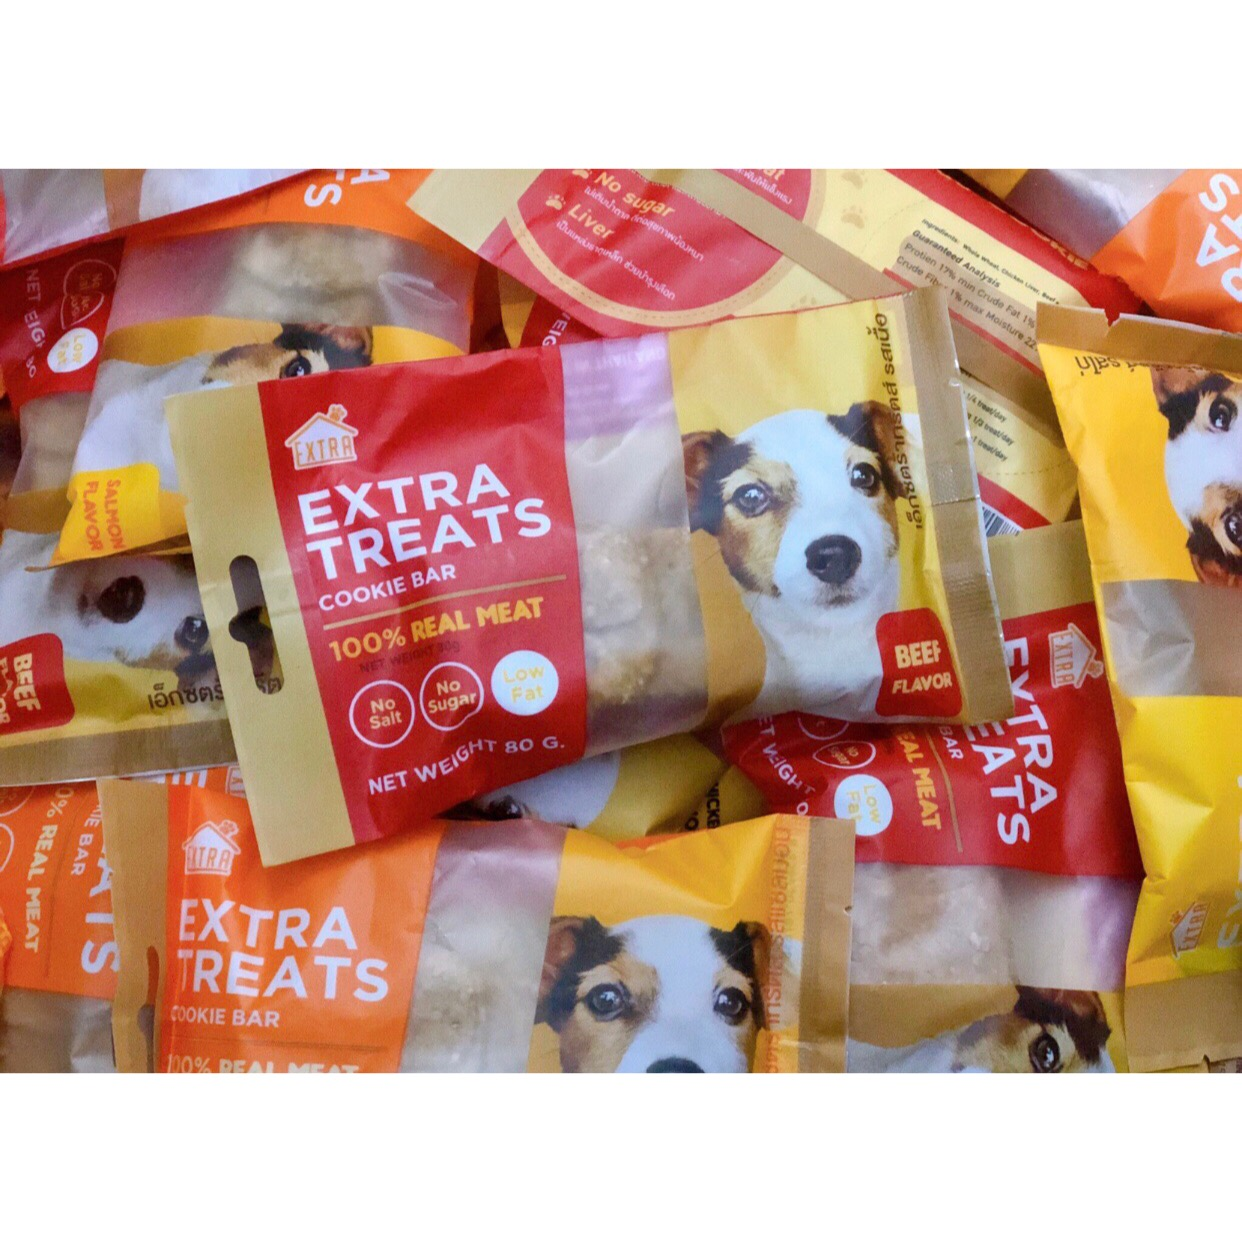 Bánh Qui Cookie Bar EXTRA TREATS Thái Lan hình Cún [Vị Bò]